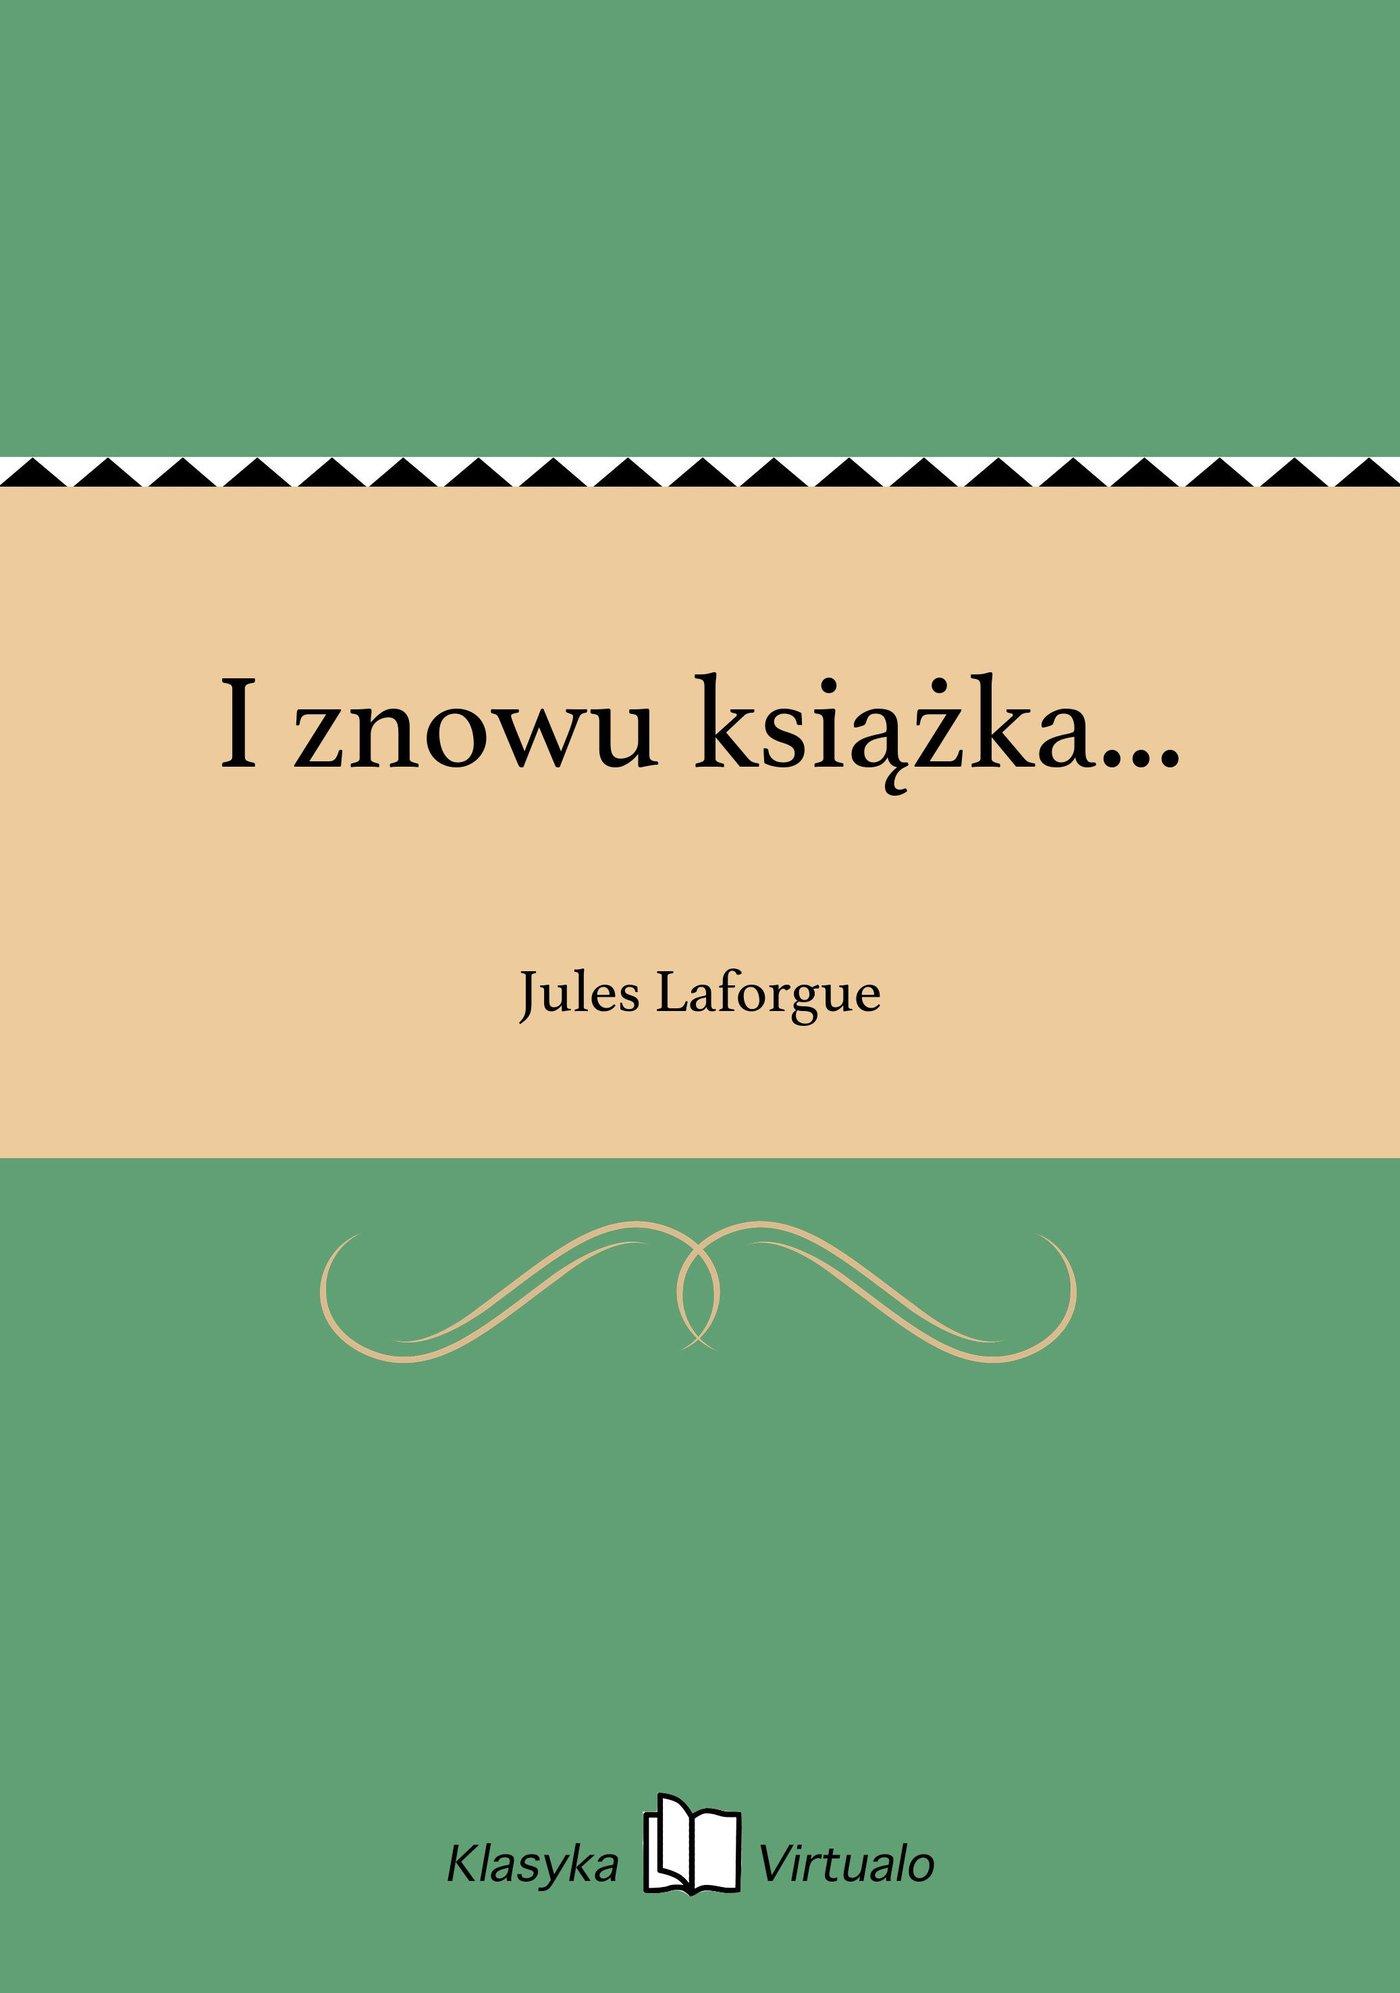 I znowu książka... - Ebook (Książka na Kindle) do pobrania w formacie MOBI